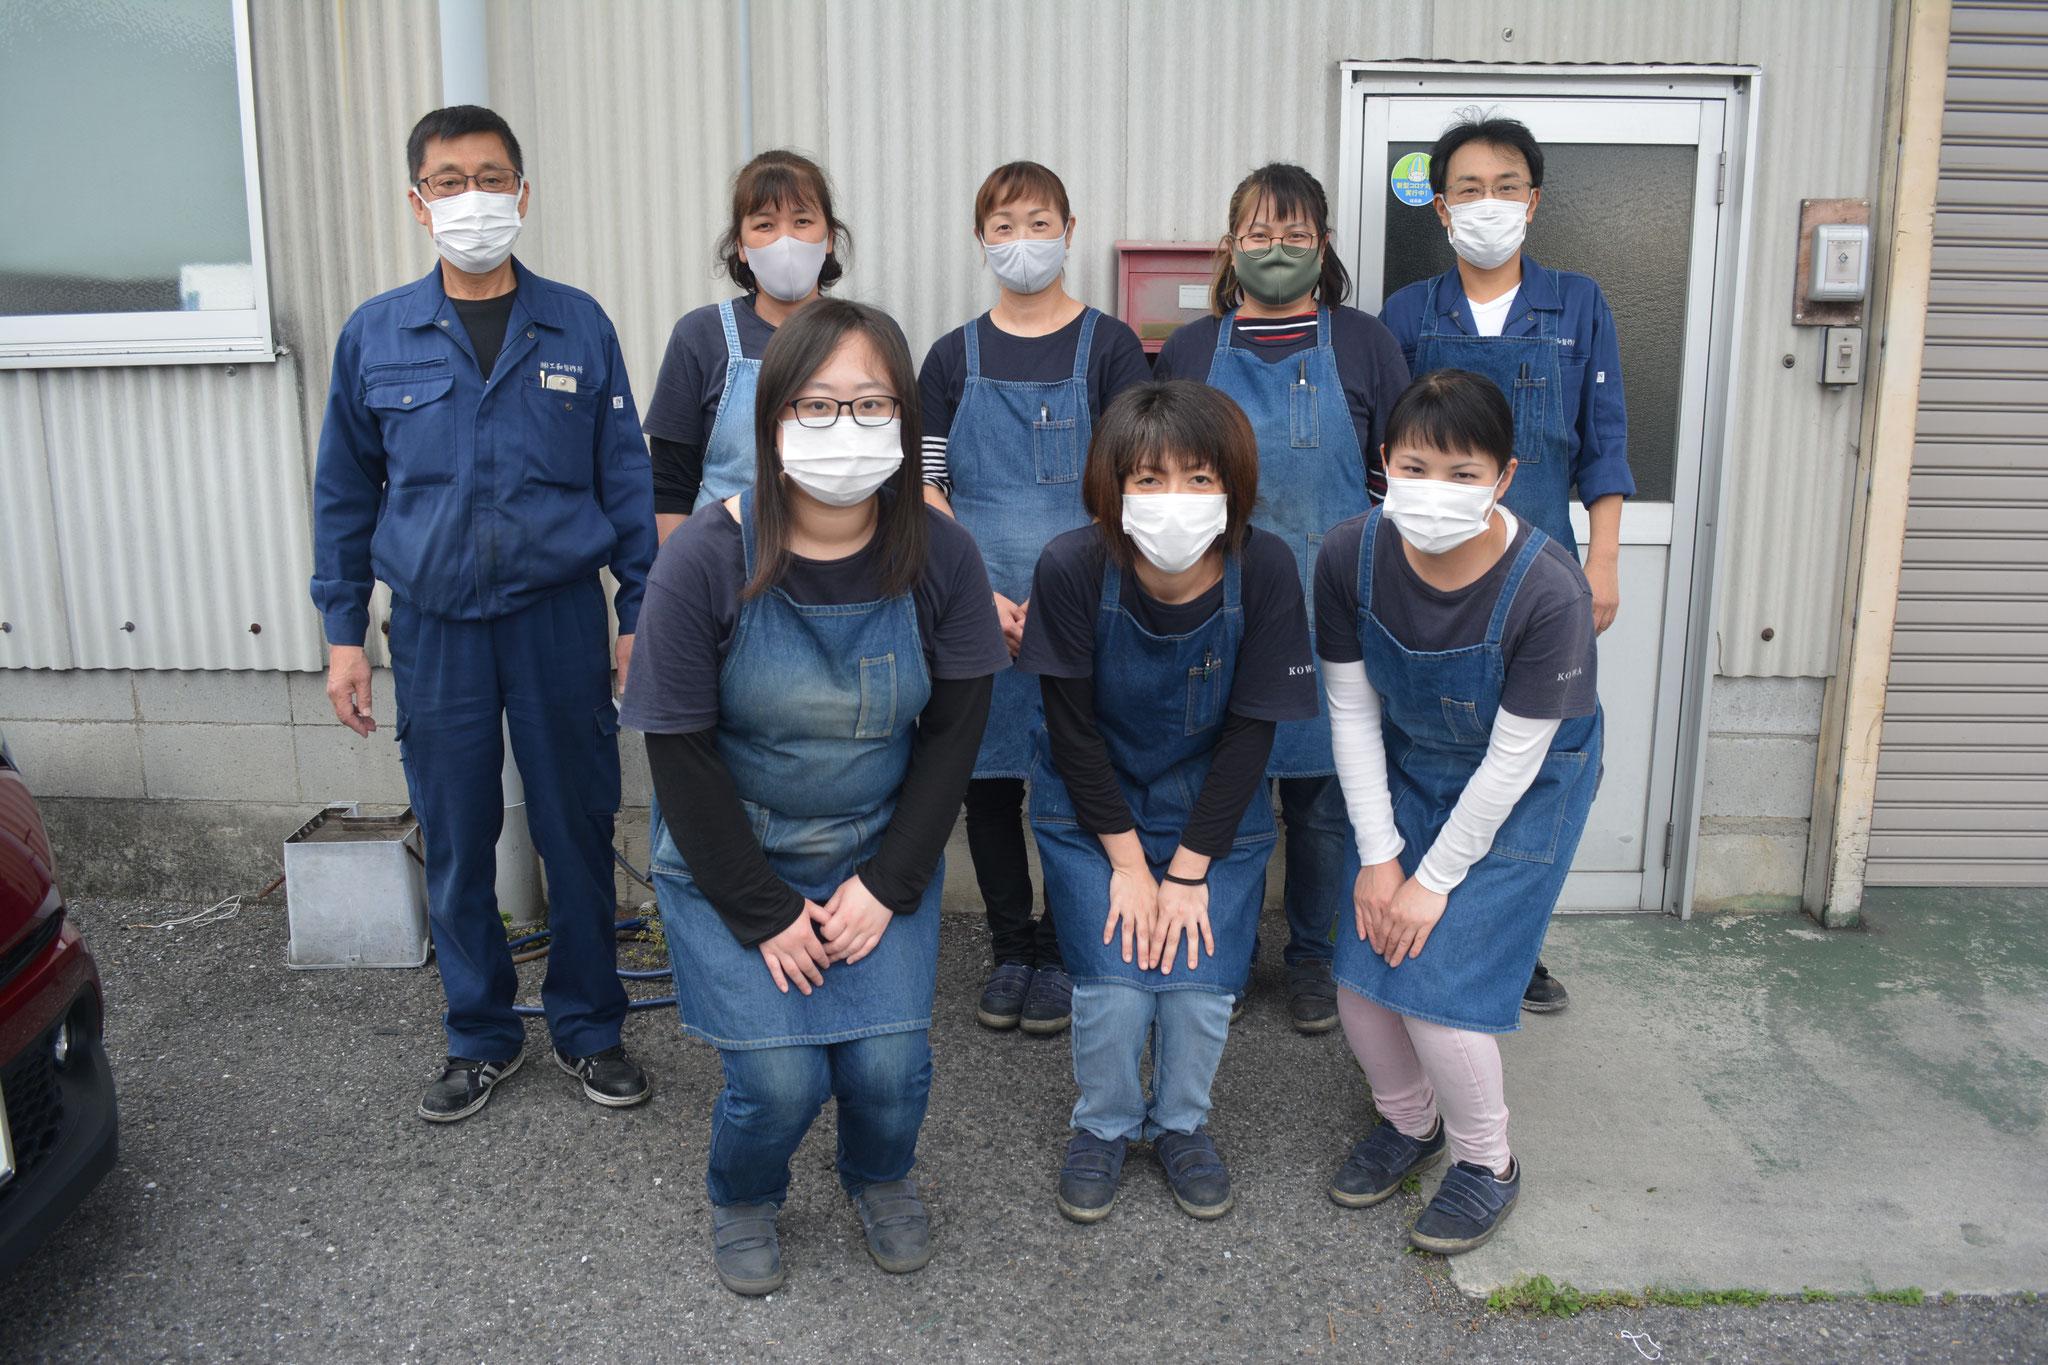 第二部品工場 ※コロナウイルス感染予防の為、全員マスクを着用しています。